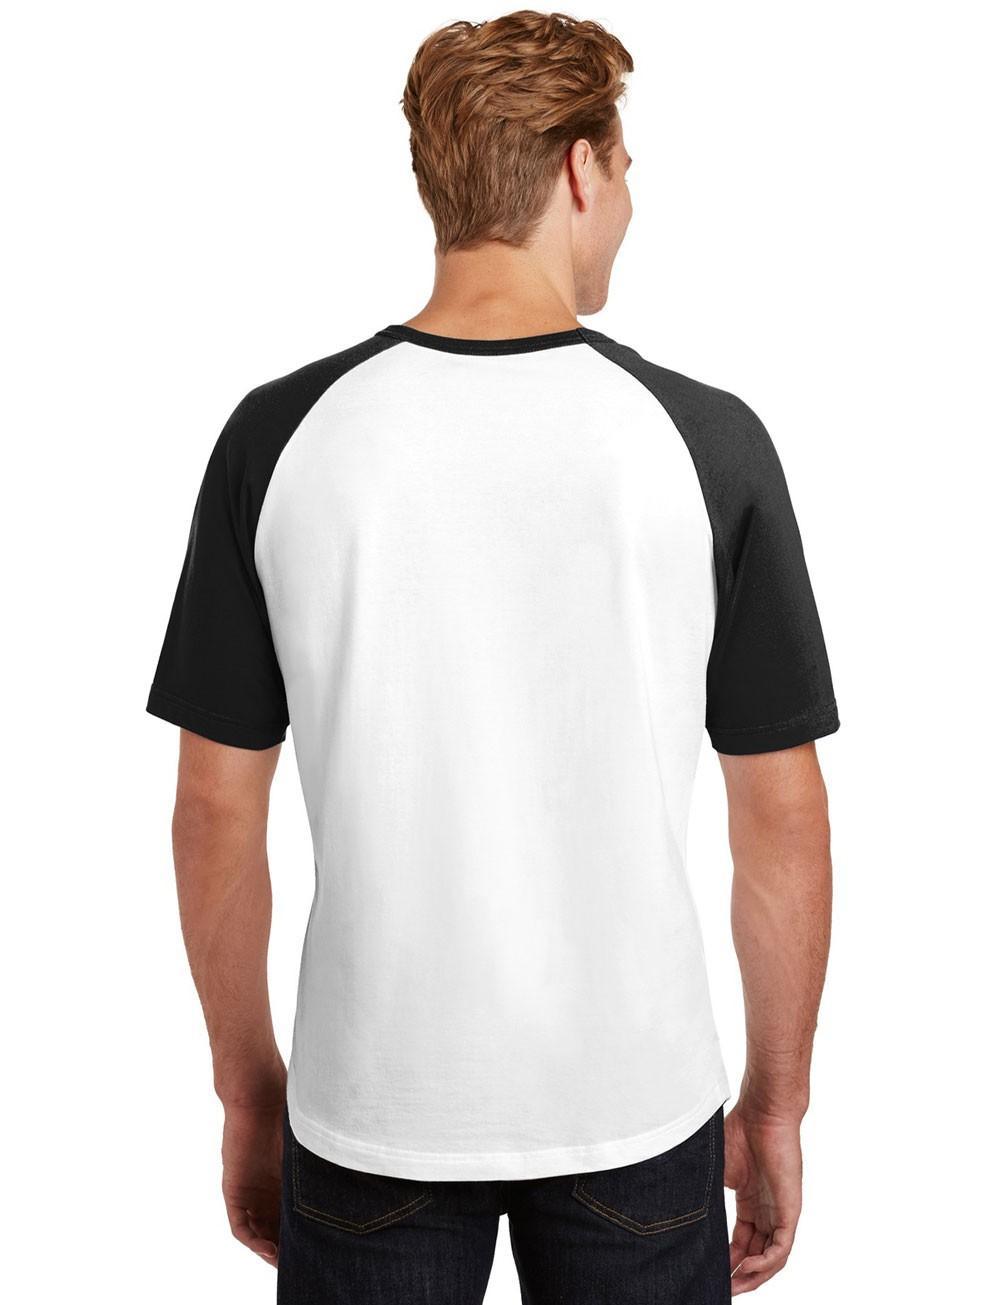 Camiseta Masculina Raglan Bad Cat Pets ES_197